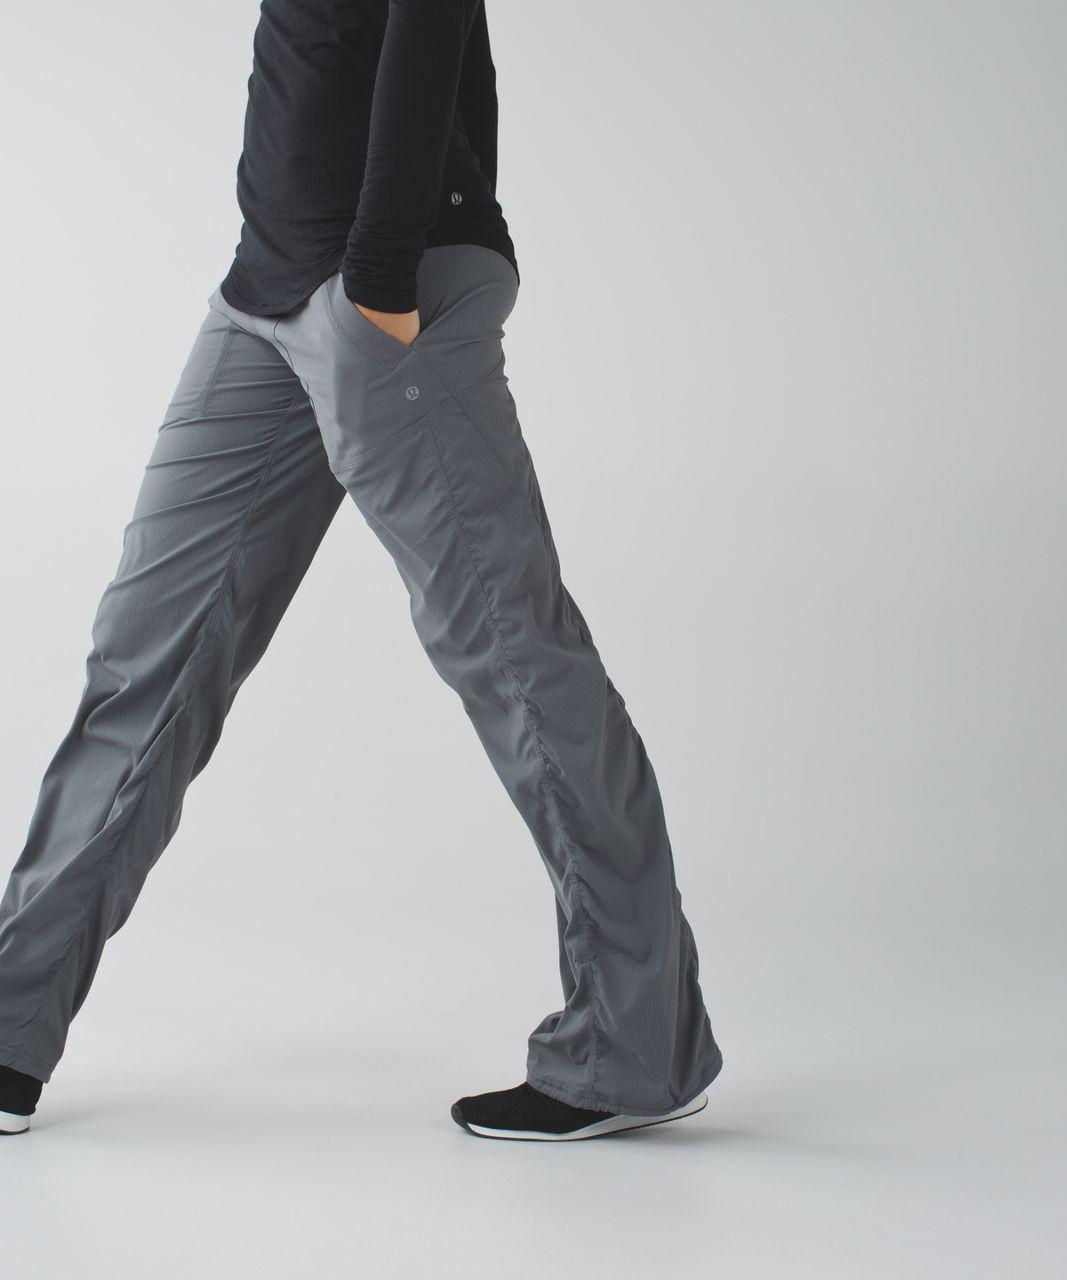 Lululemon Studio Pant II *Unlined (Tall) - Slate